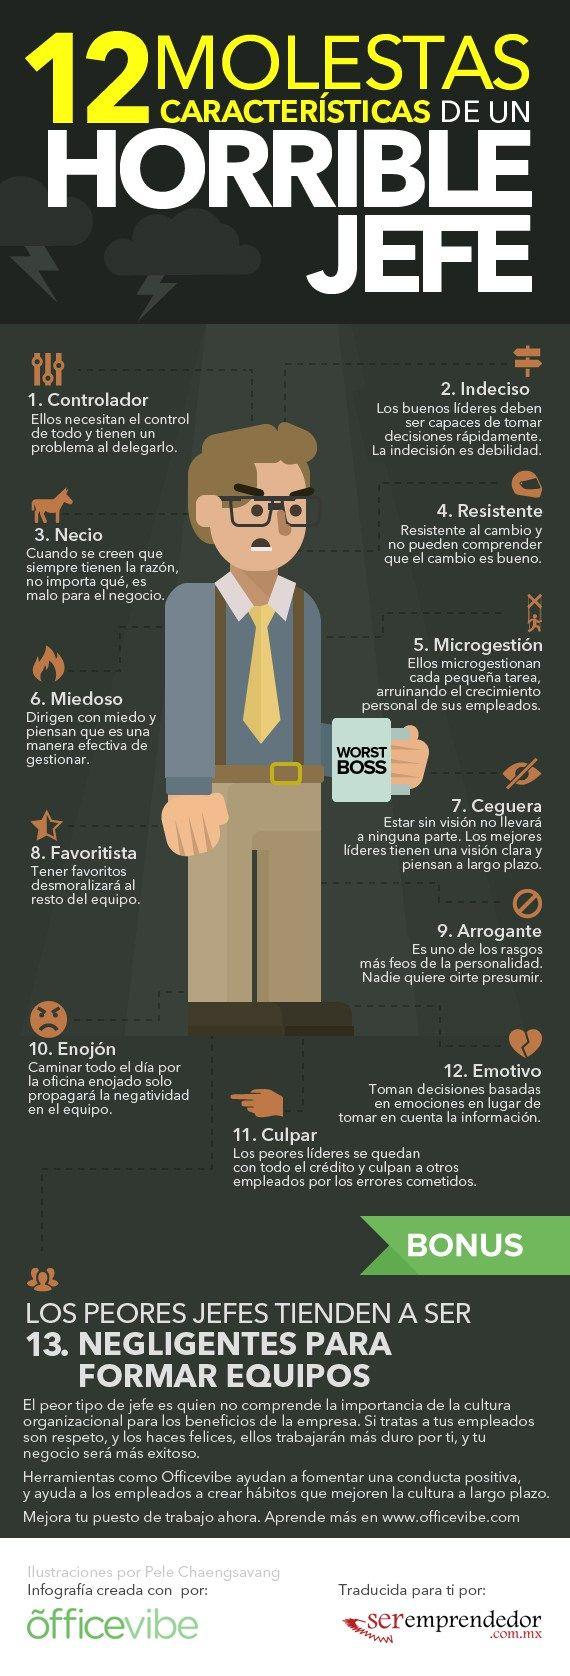 12 Molestas Características de un Horrible Jefe